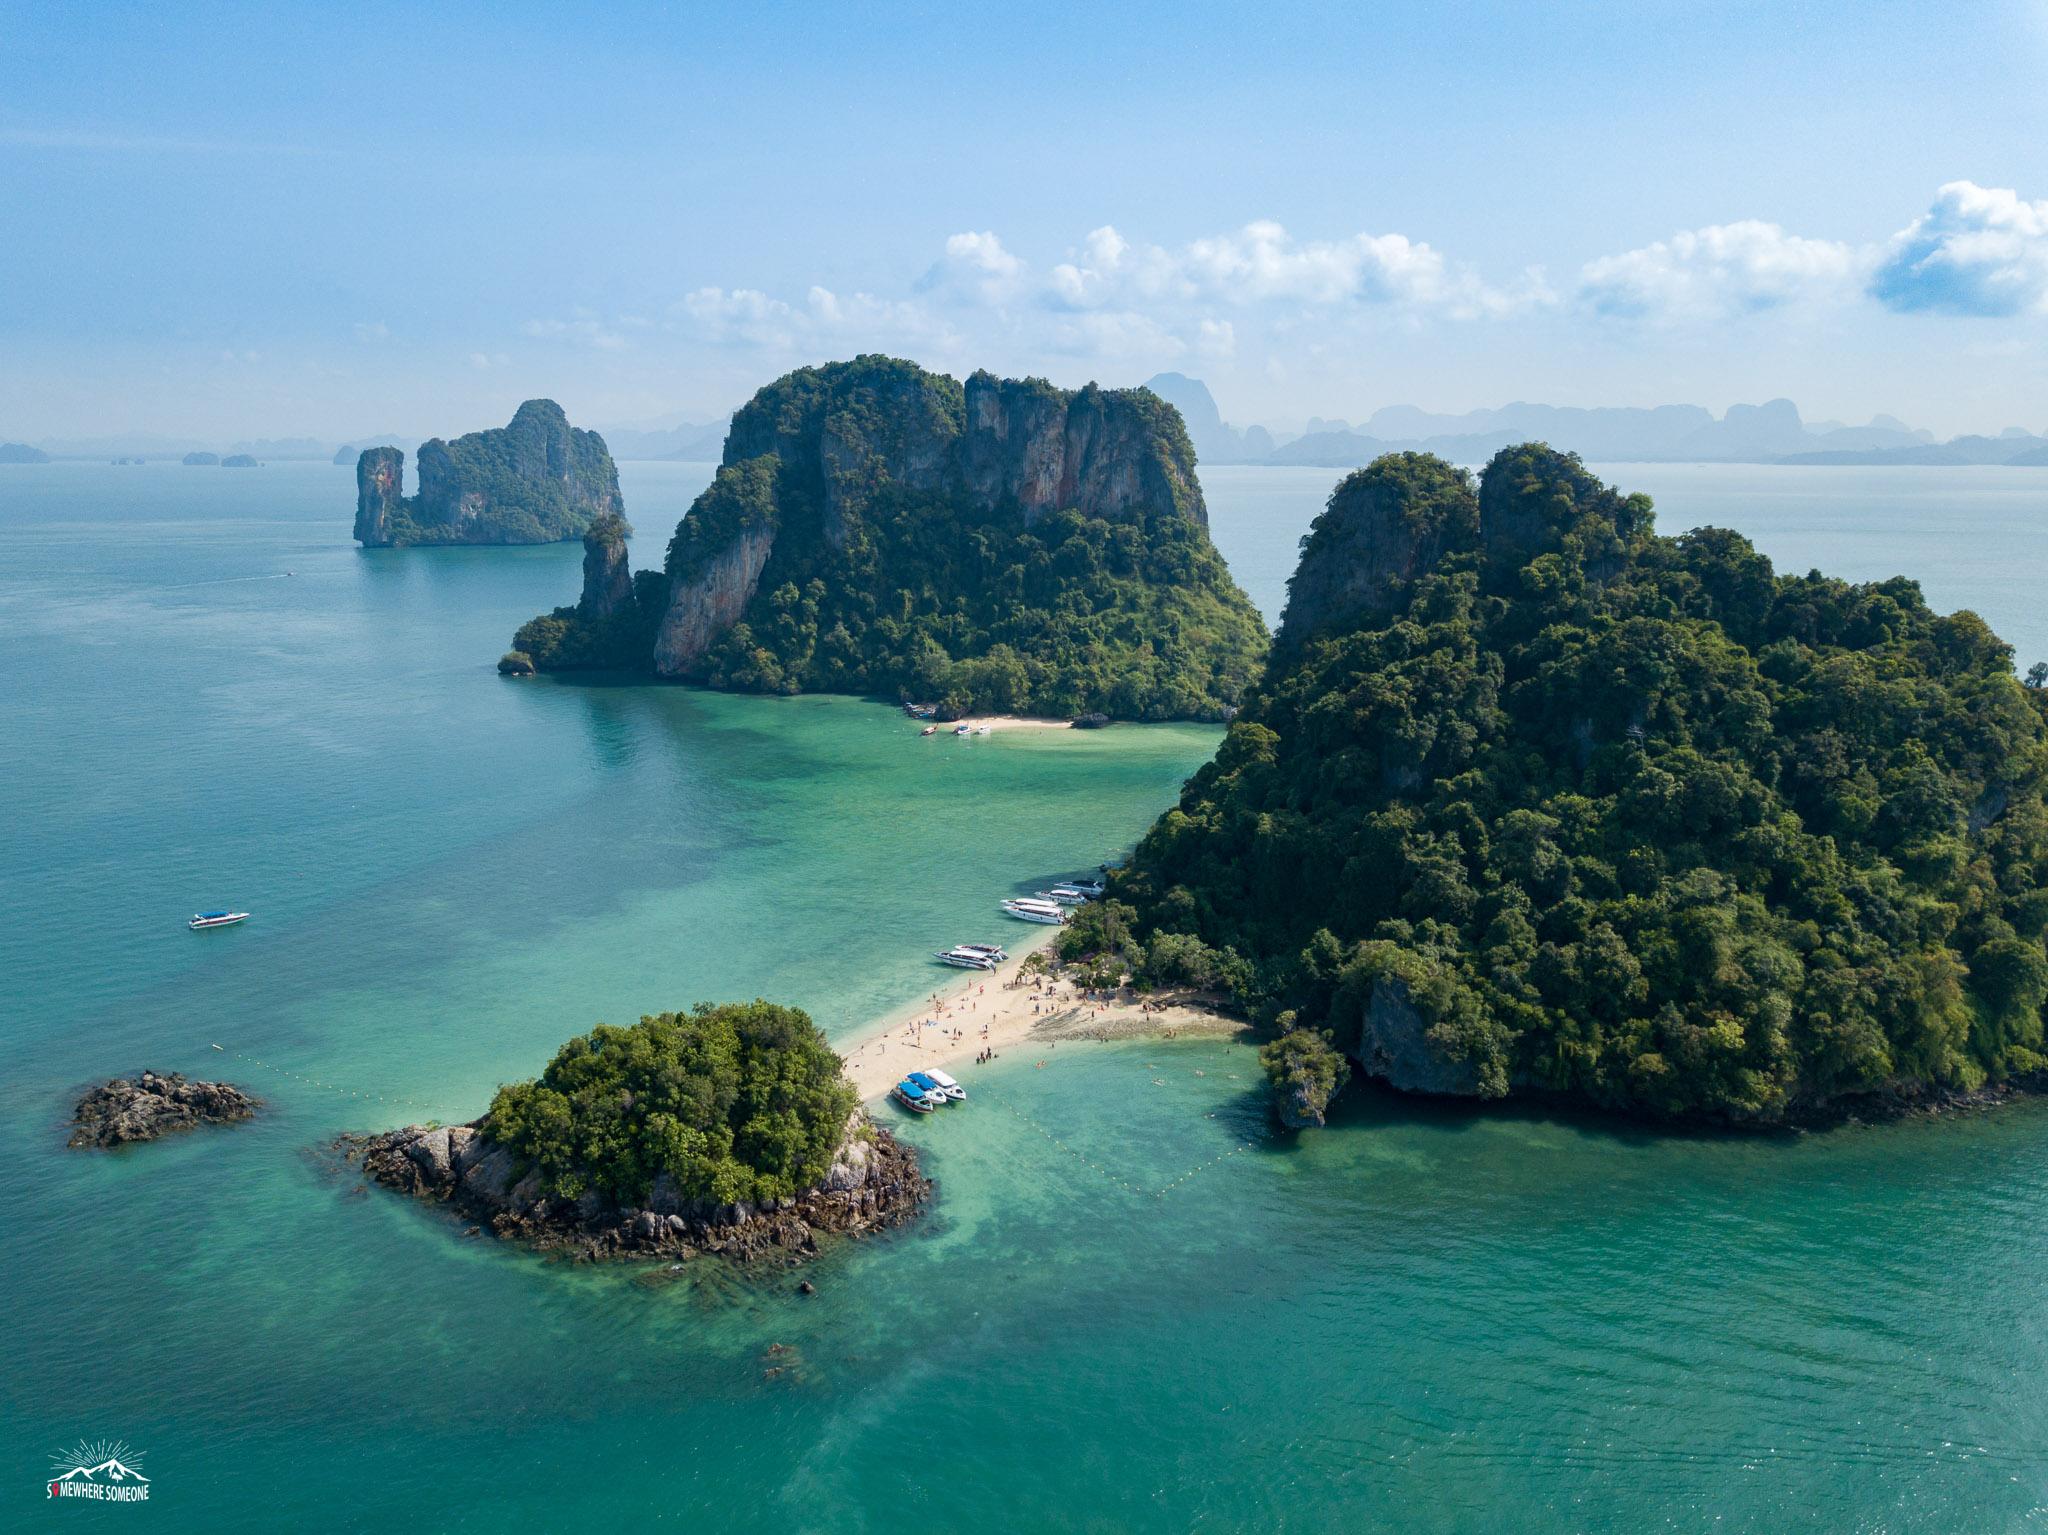 เที่ยวอันดามัน หมู่เกาะห้อง กระบี่ ทะเลอันดามัน